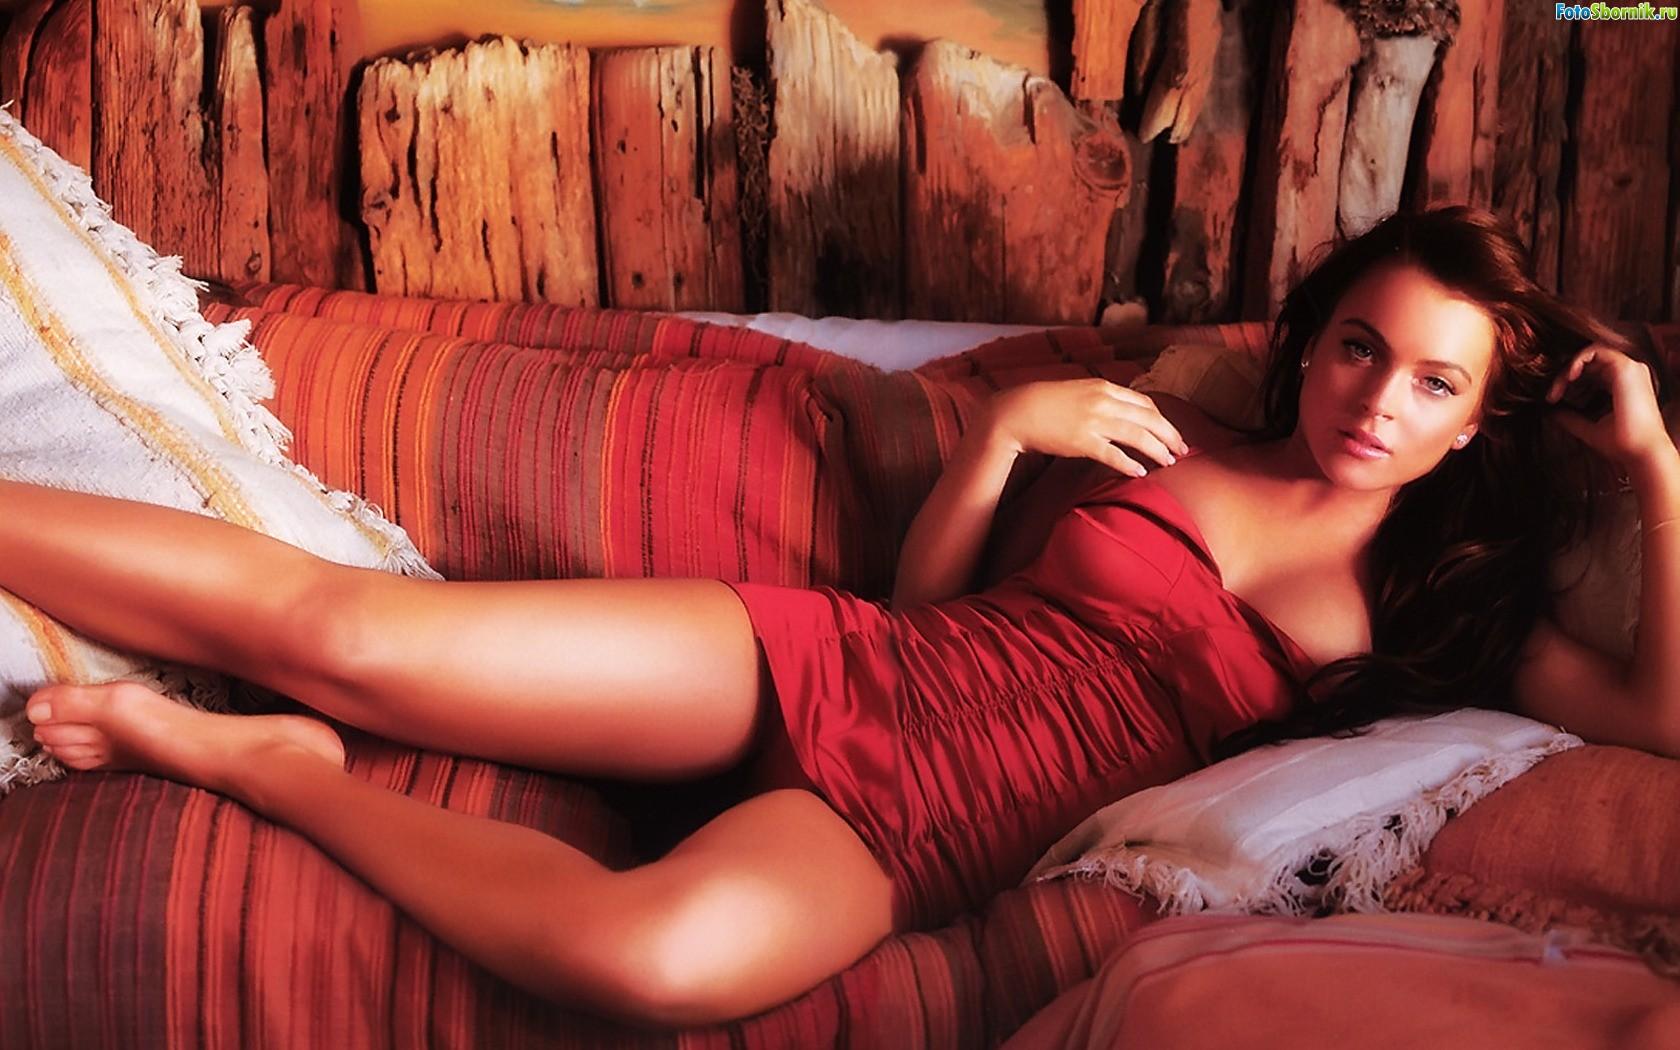 Светлана ходченкова sexs scena onlain 16 фотография